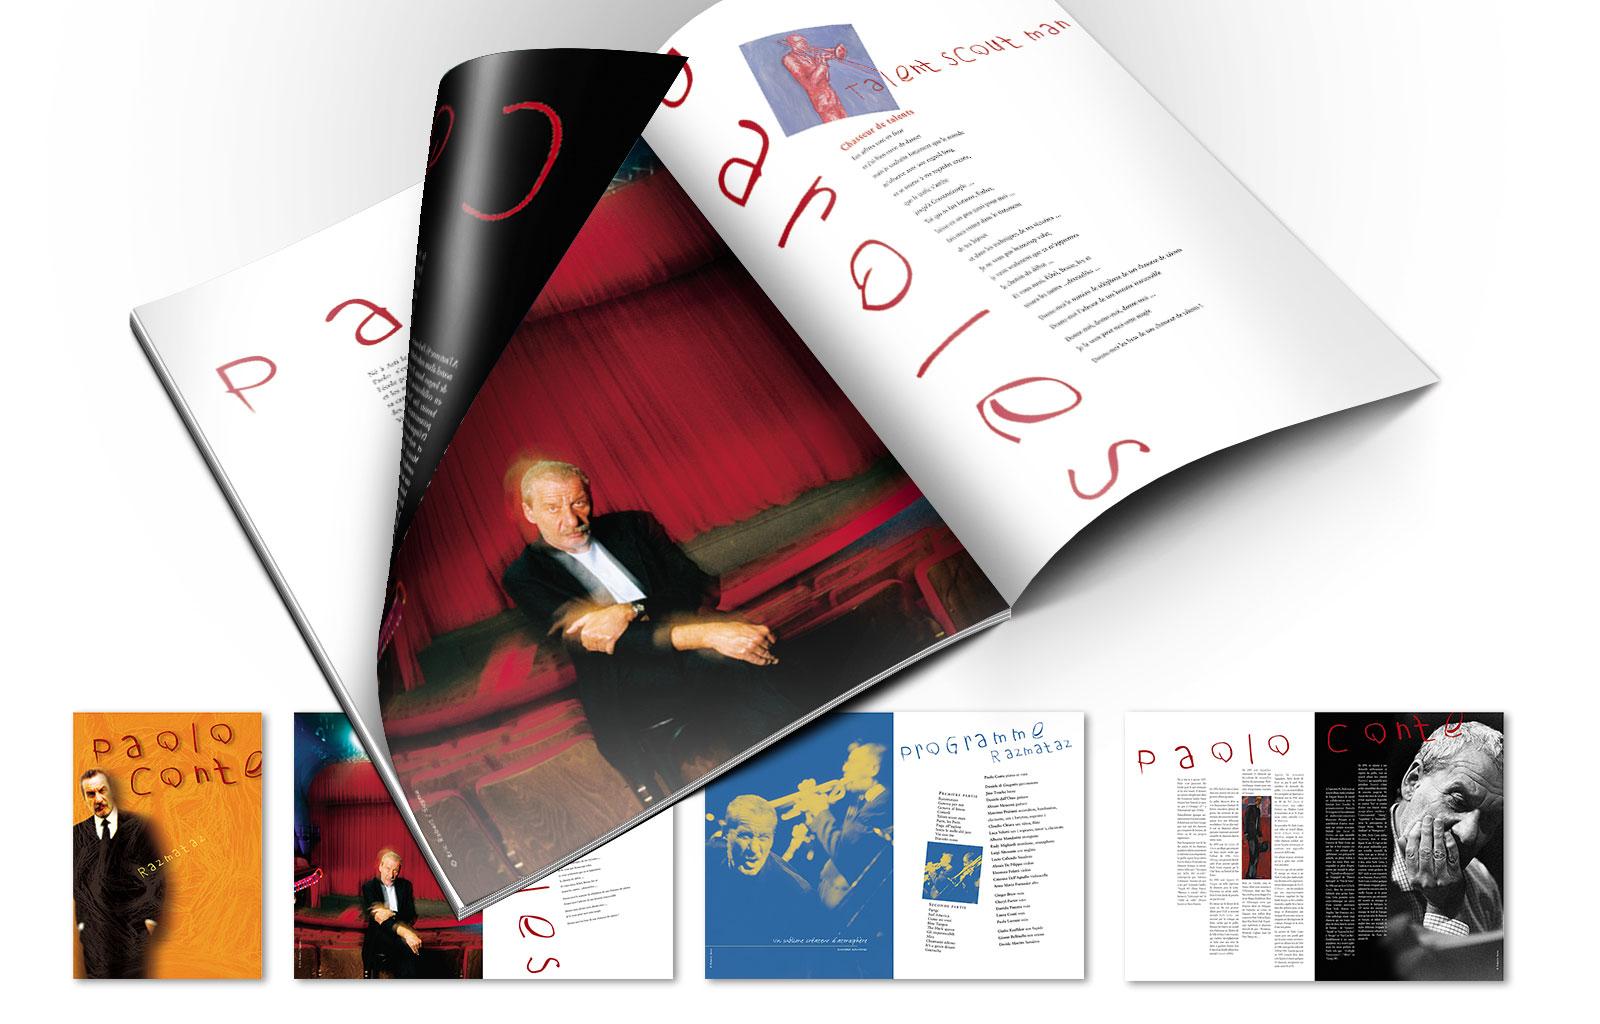 Les VISITEURS du SOIRS > Conception réalisation du programme de concert pour Paolo Conté